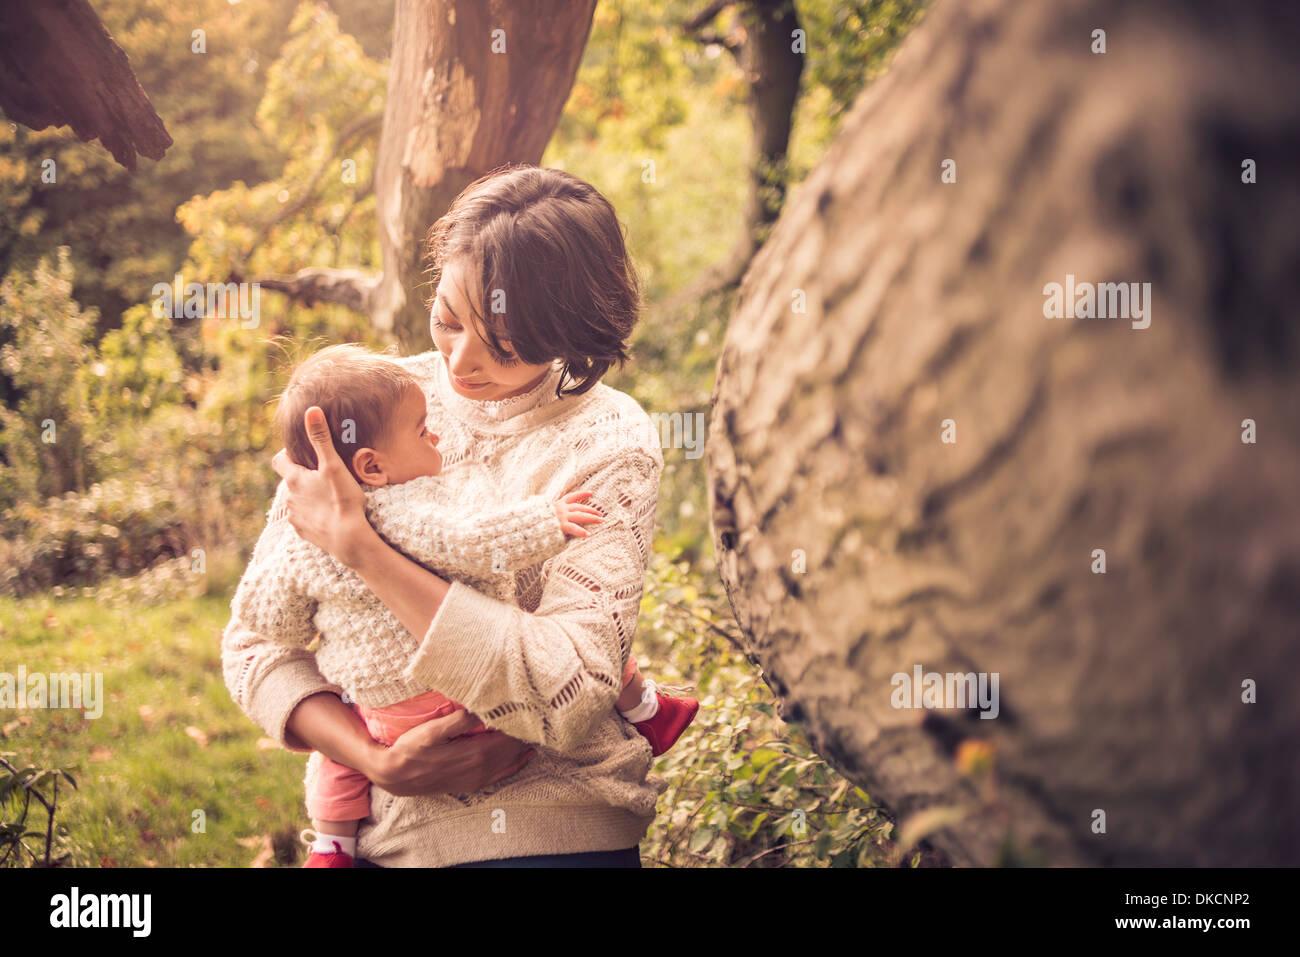 La madre y el bebé disfruta de park Imagen De Stock